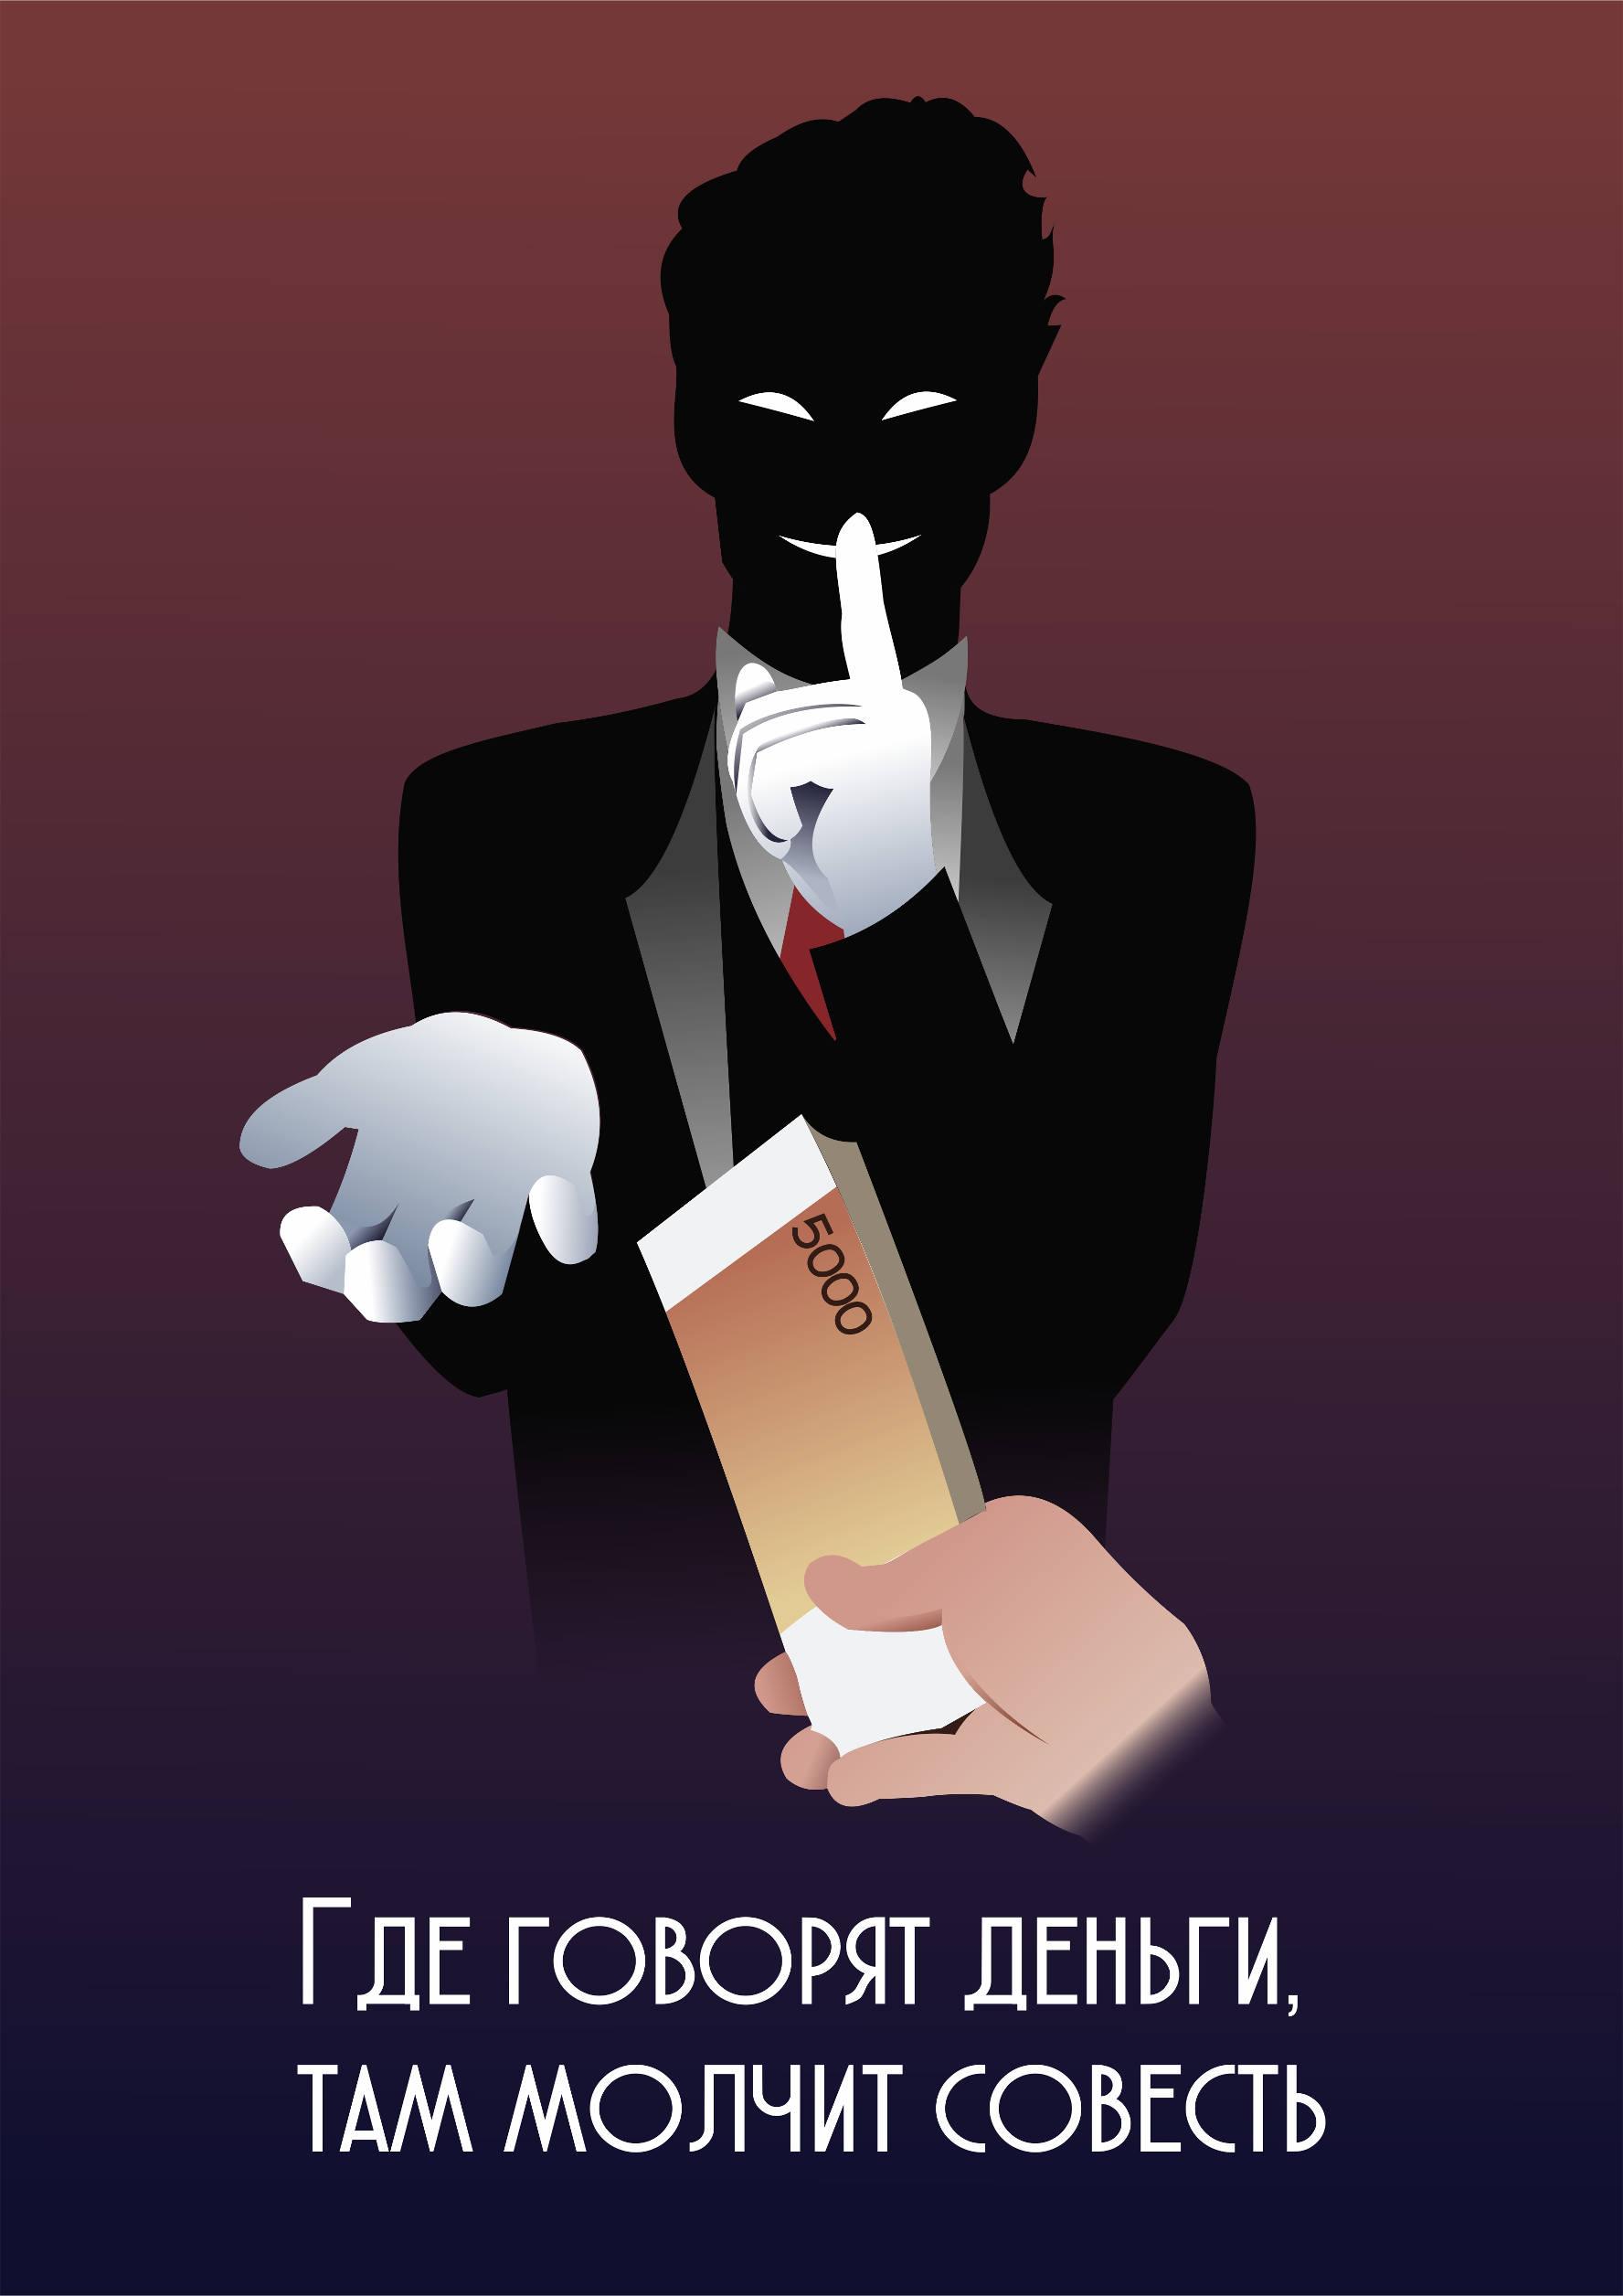 коррупция 4